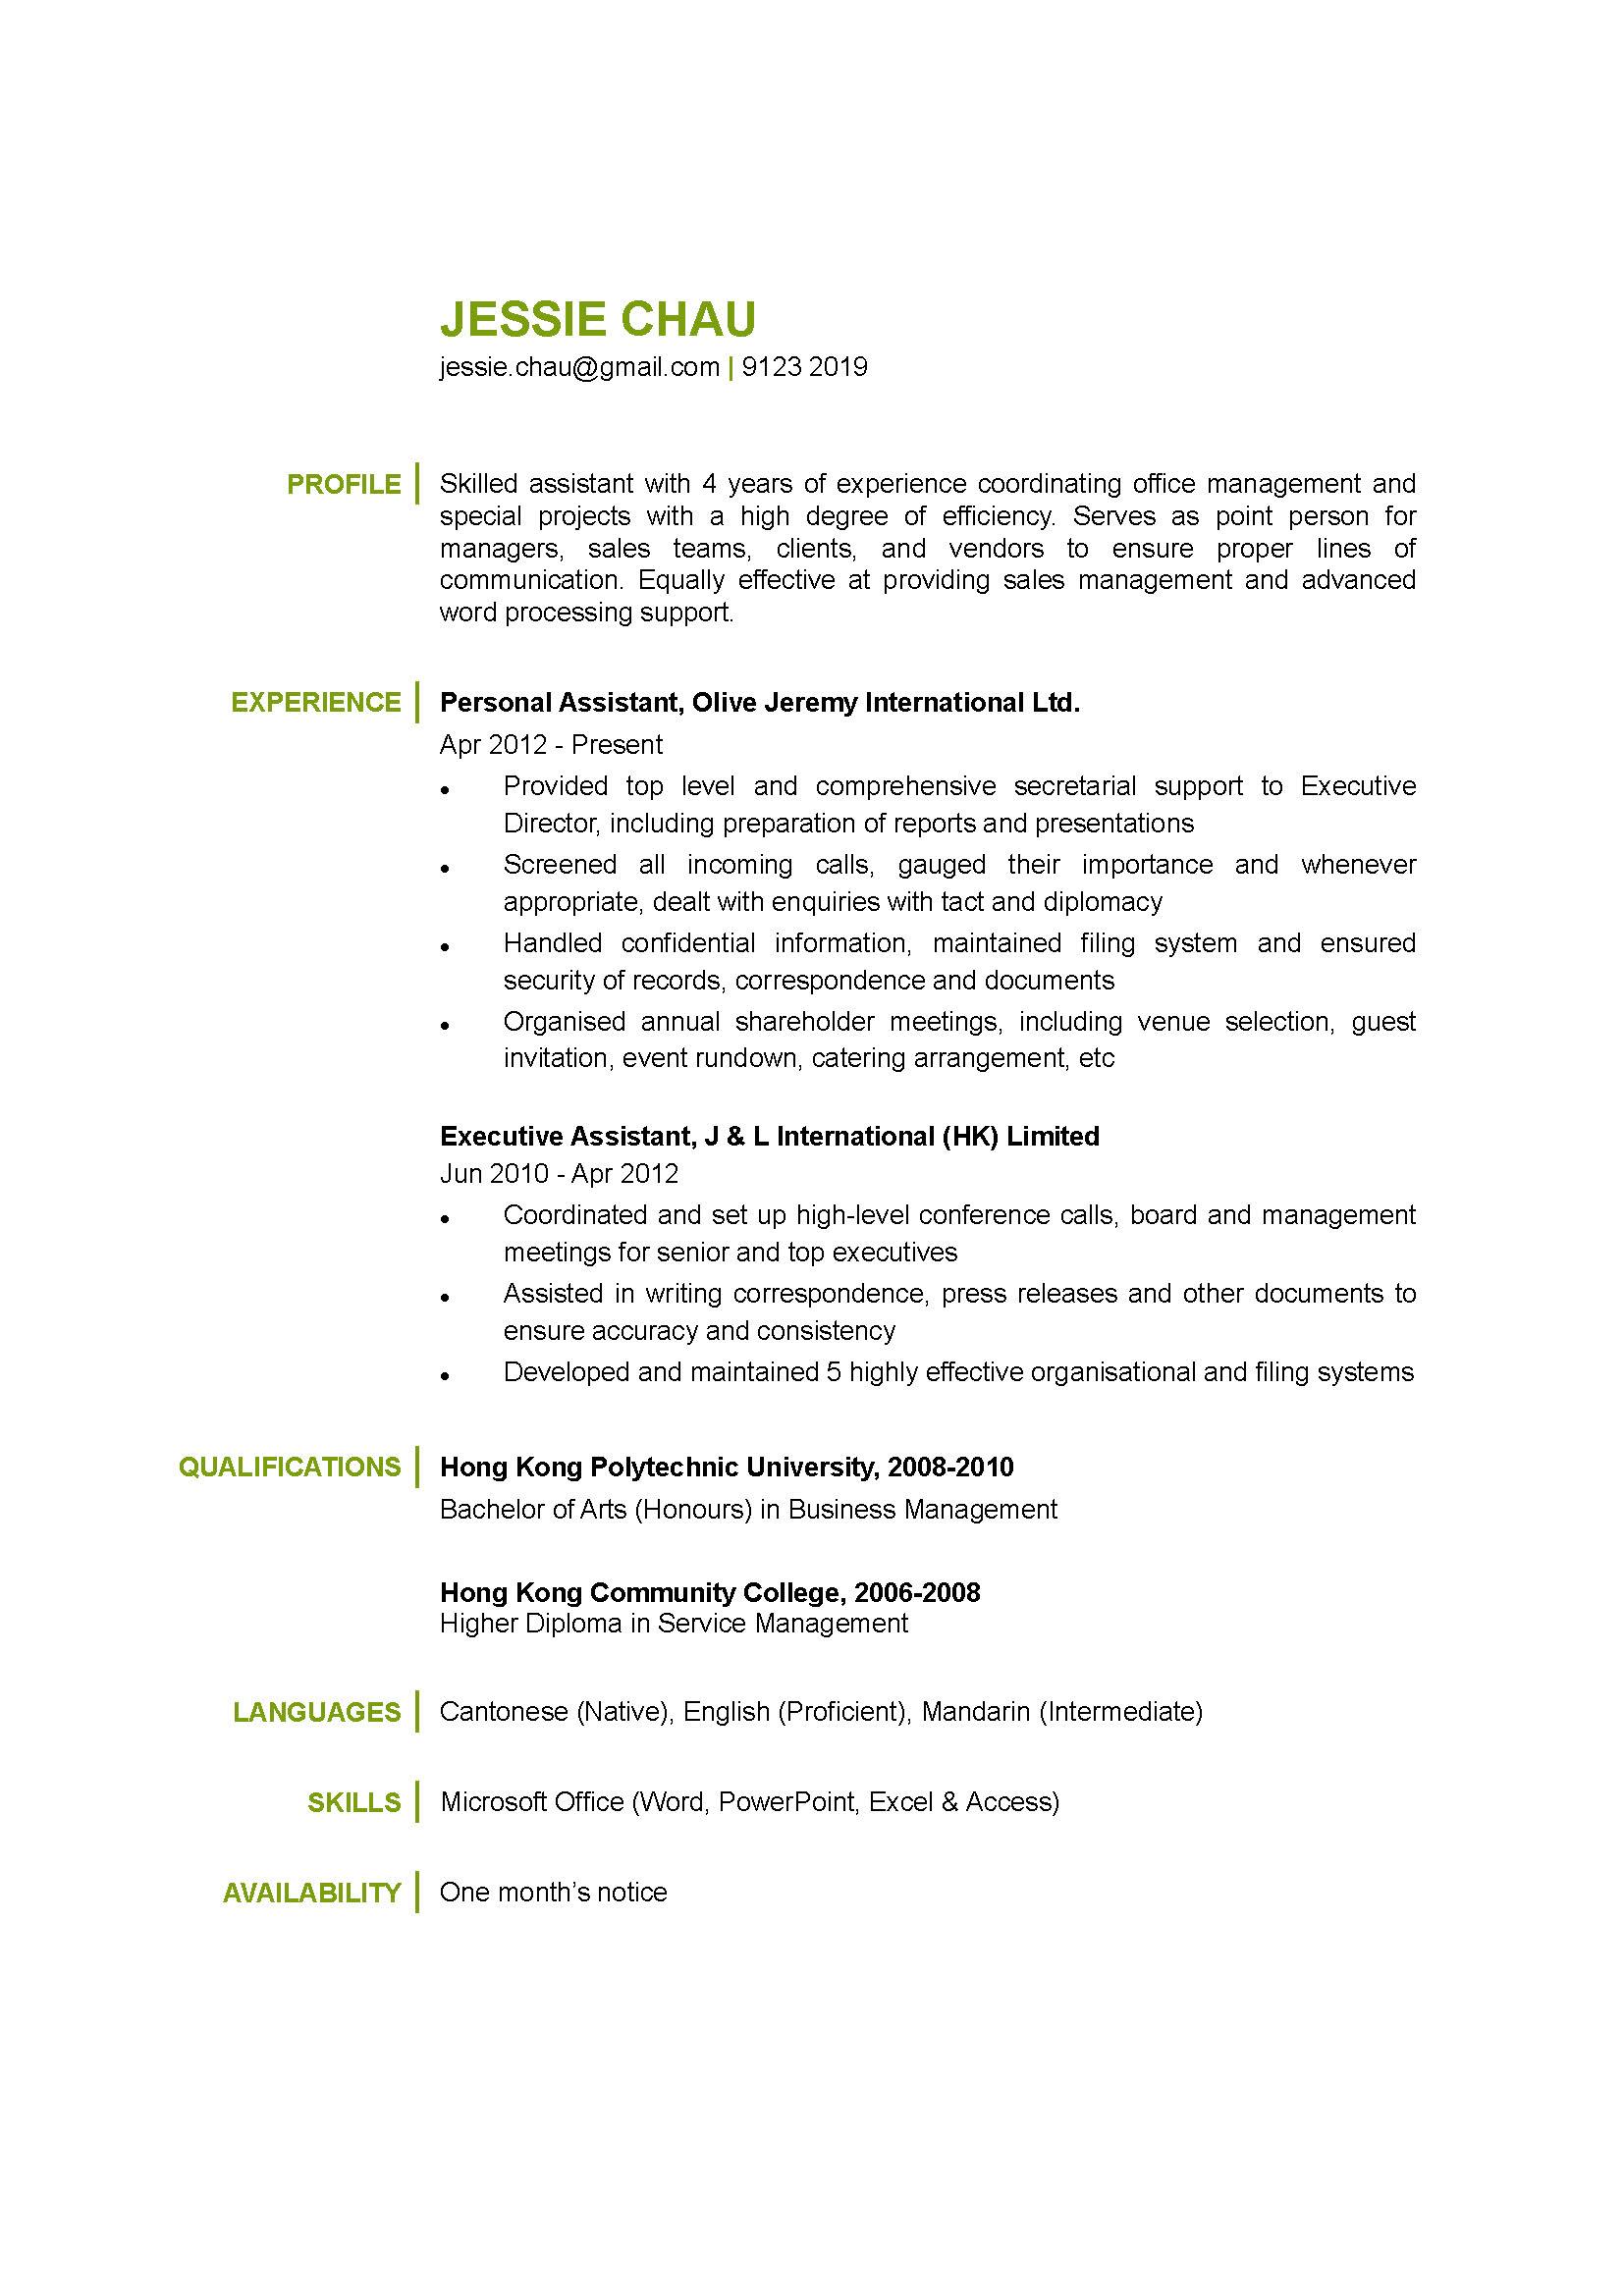 Personal Assistant CV